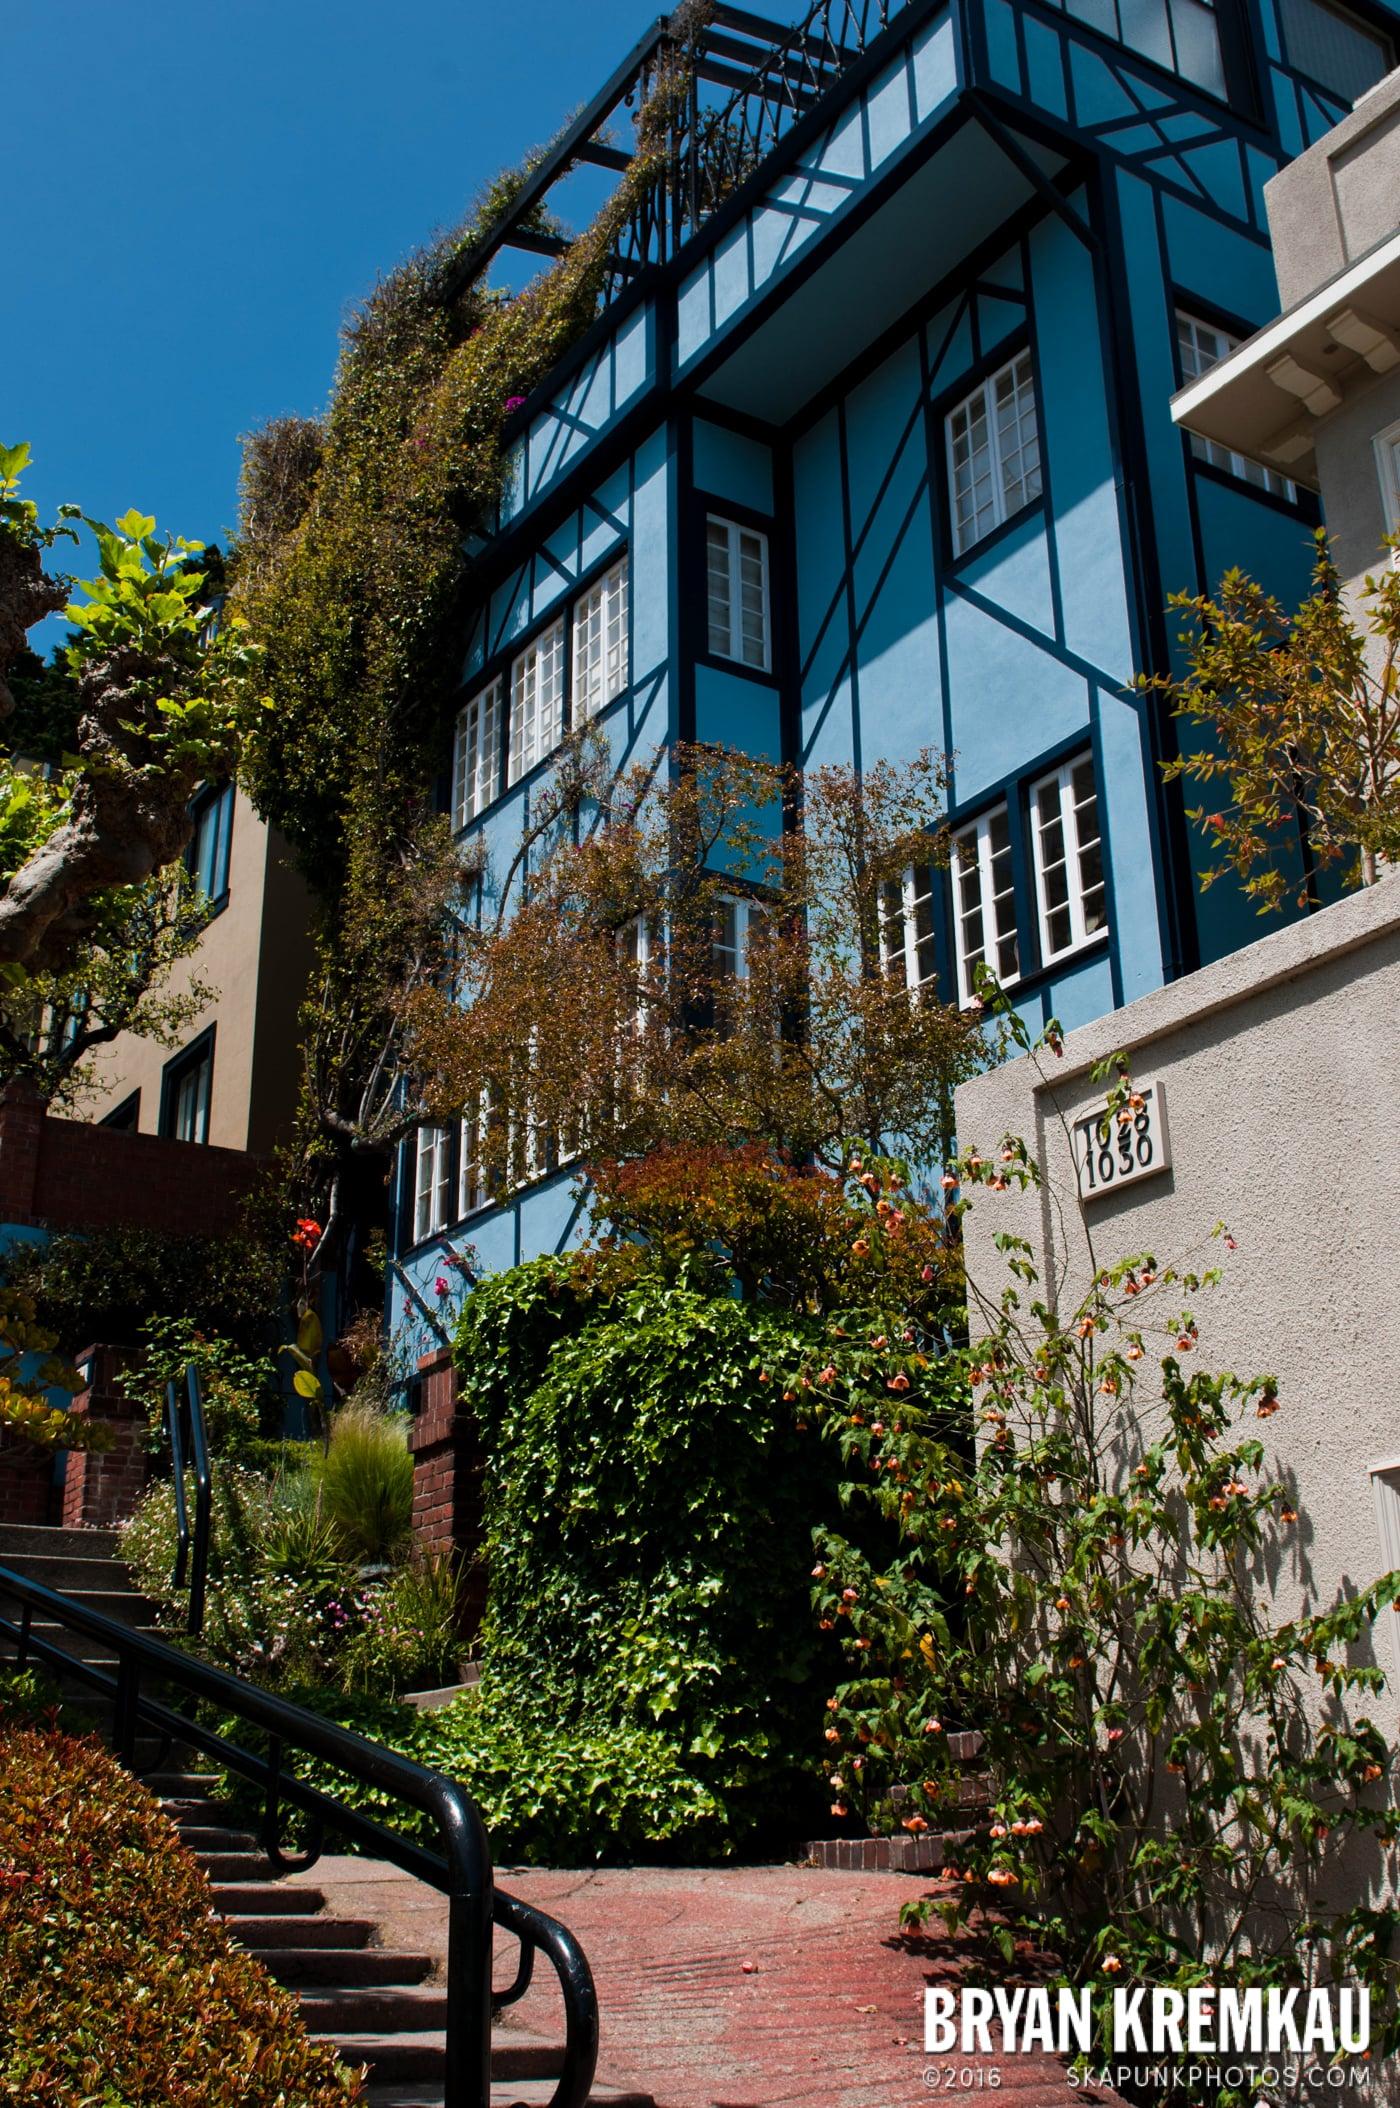 San Francisco Vacation - Day 2 - 4.29.12 (16)